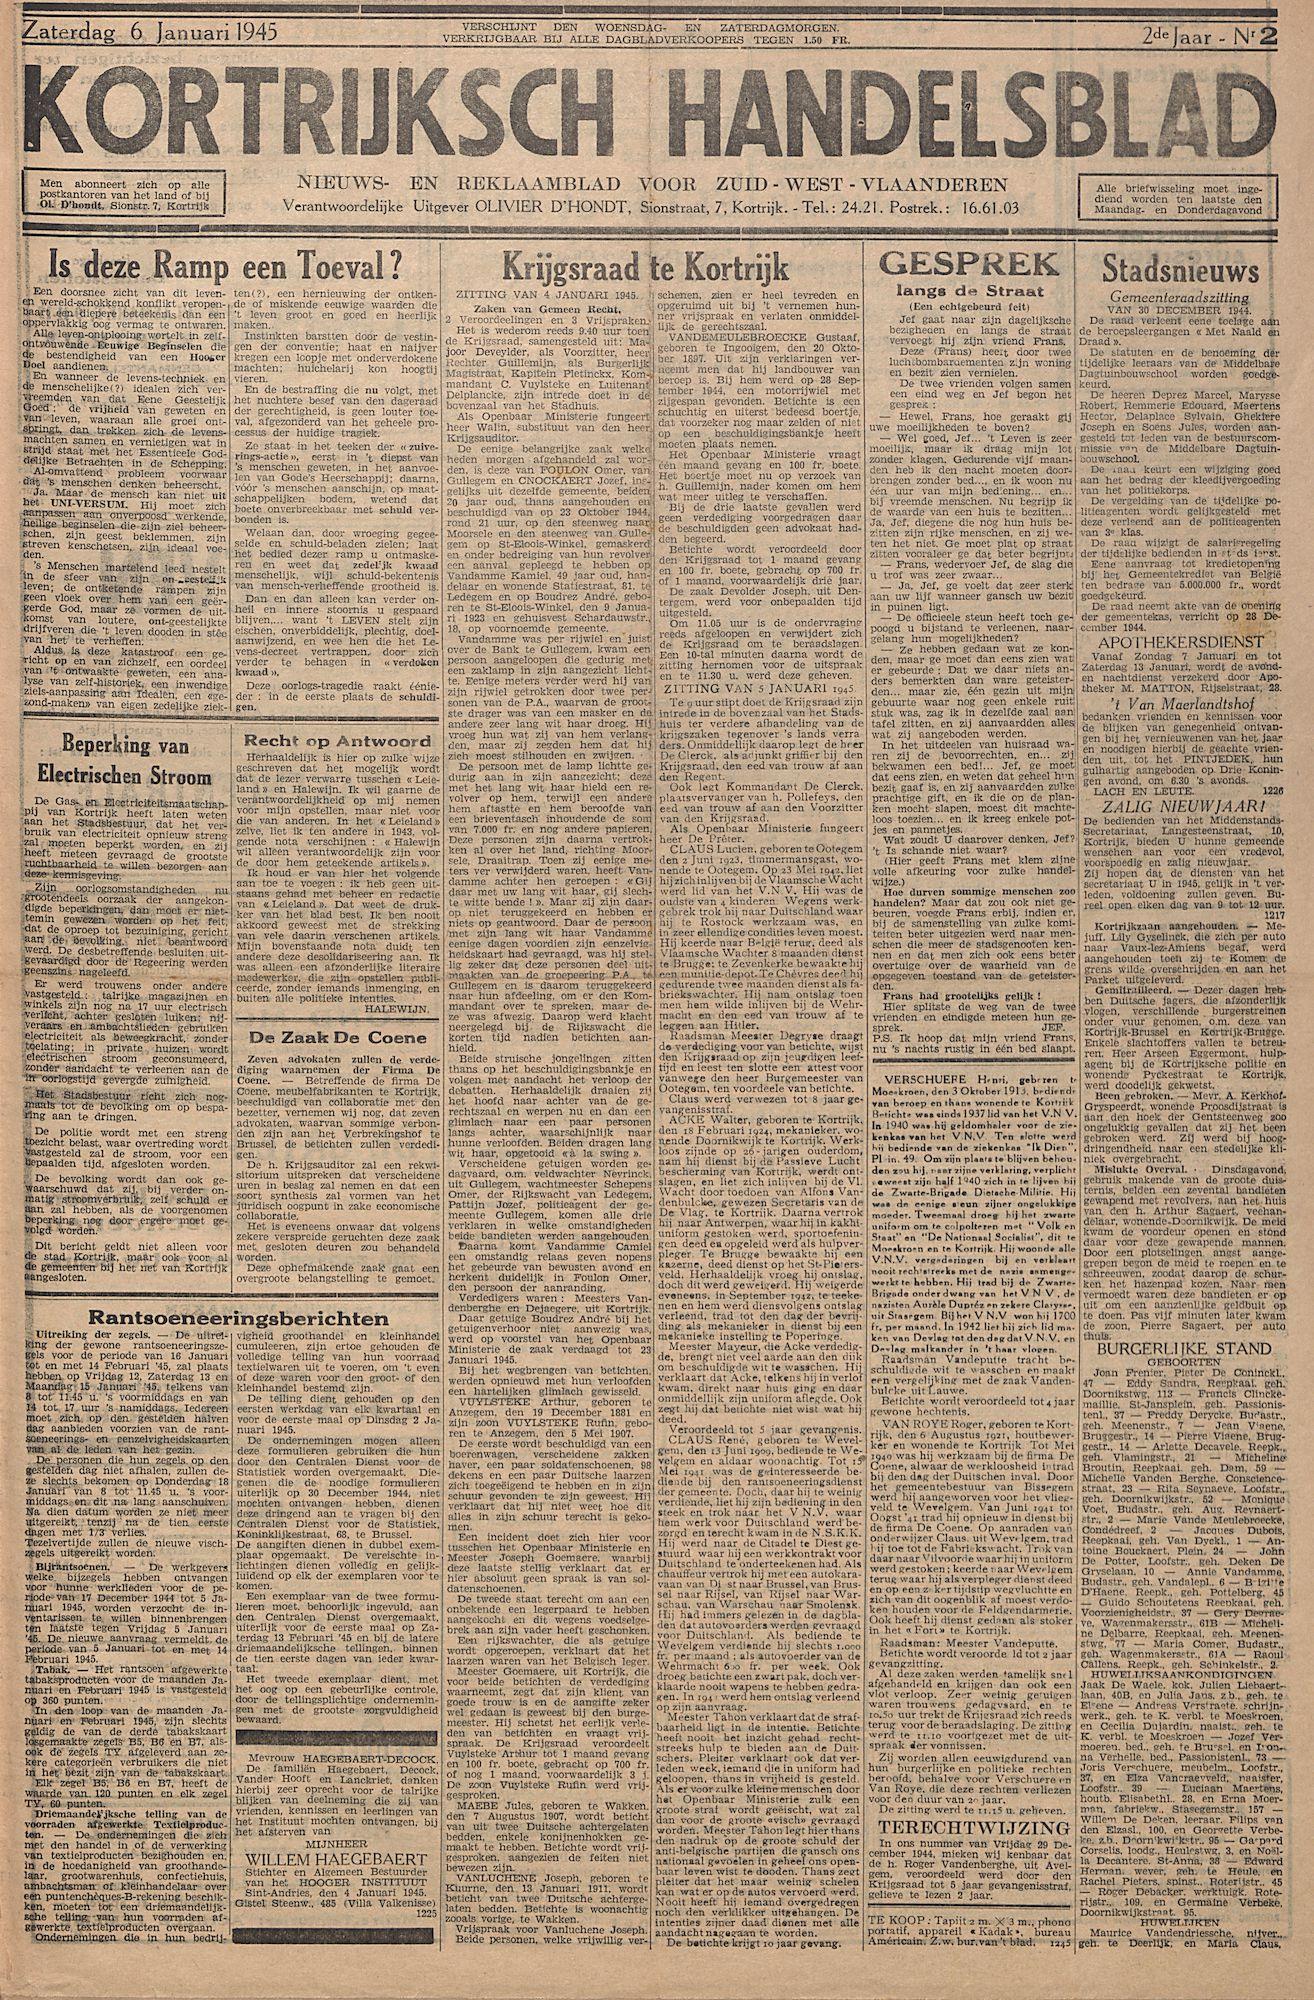 Kortrijksch Handelsblad 6 januari 1945 Nr2 p1